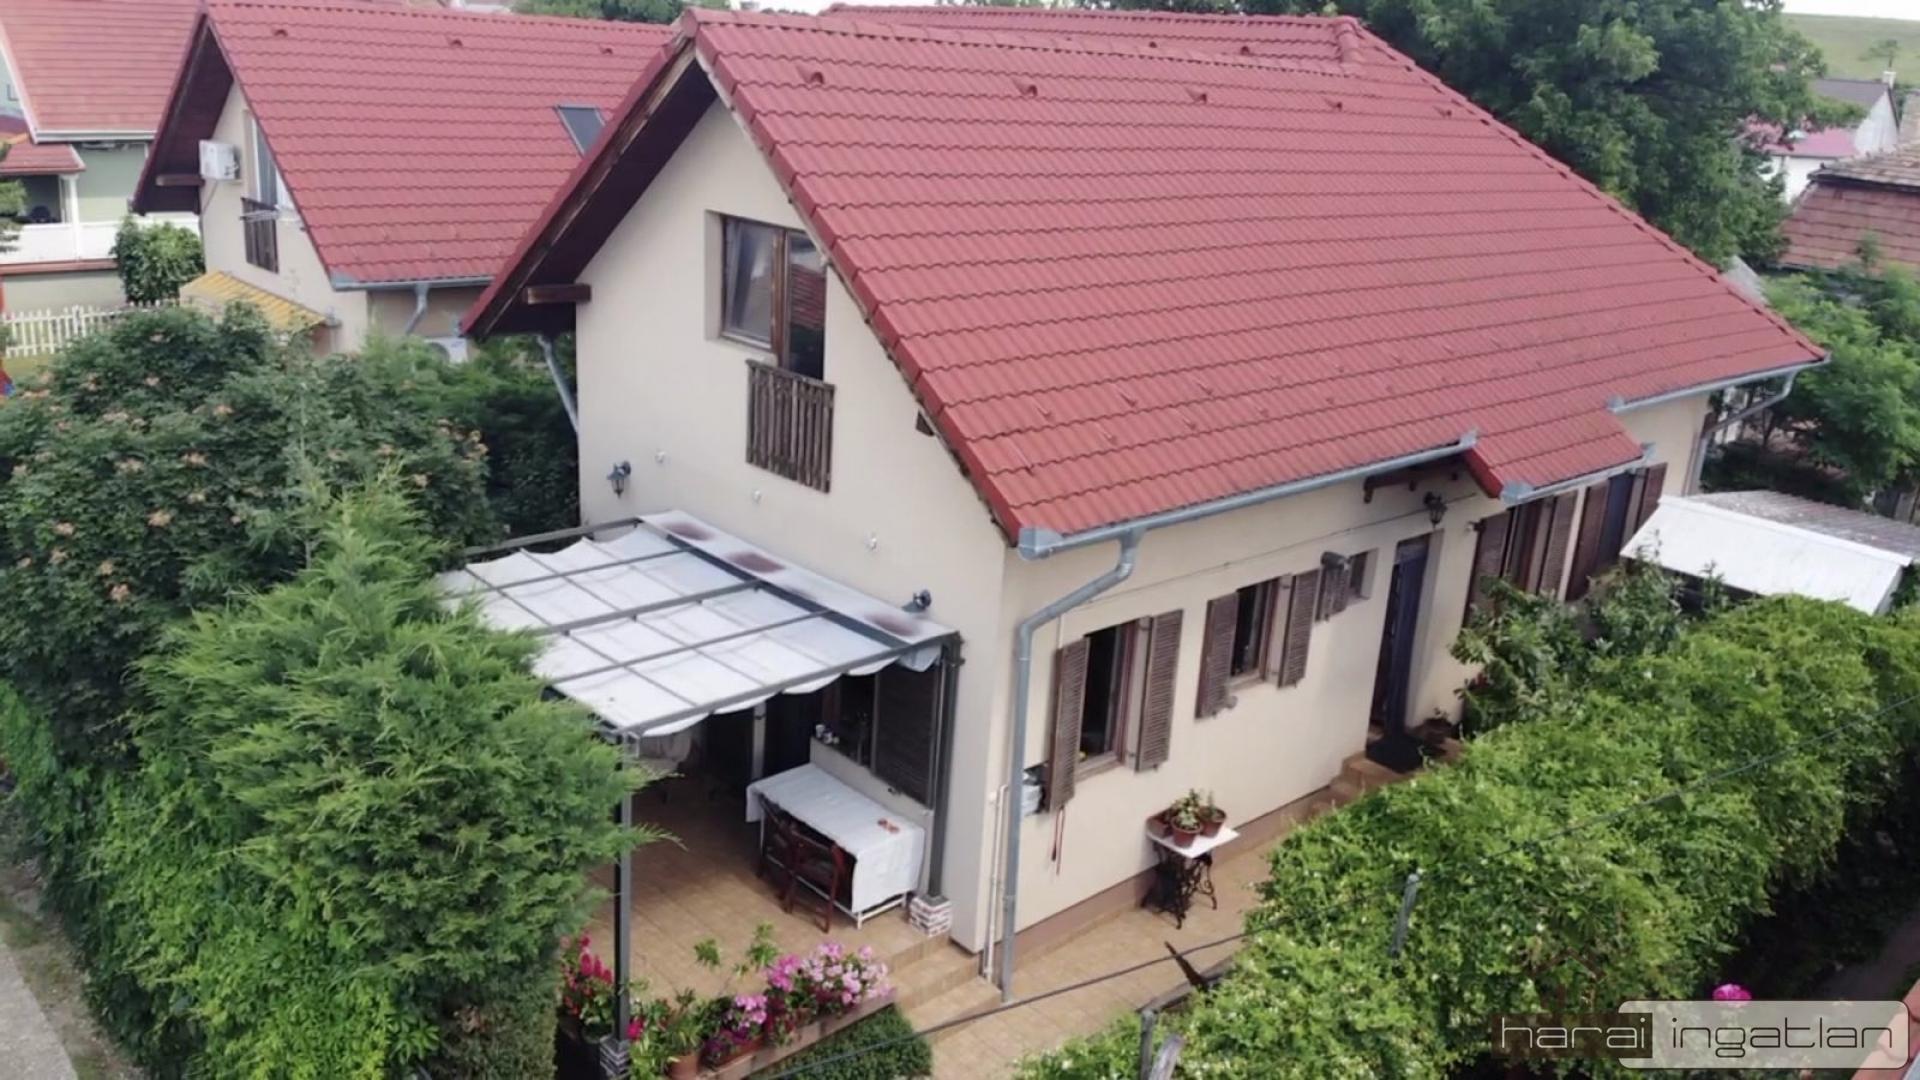 2151 Fót Eladó Ház (#01012020112)